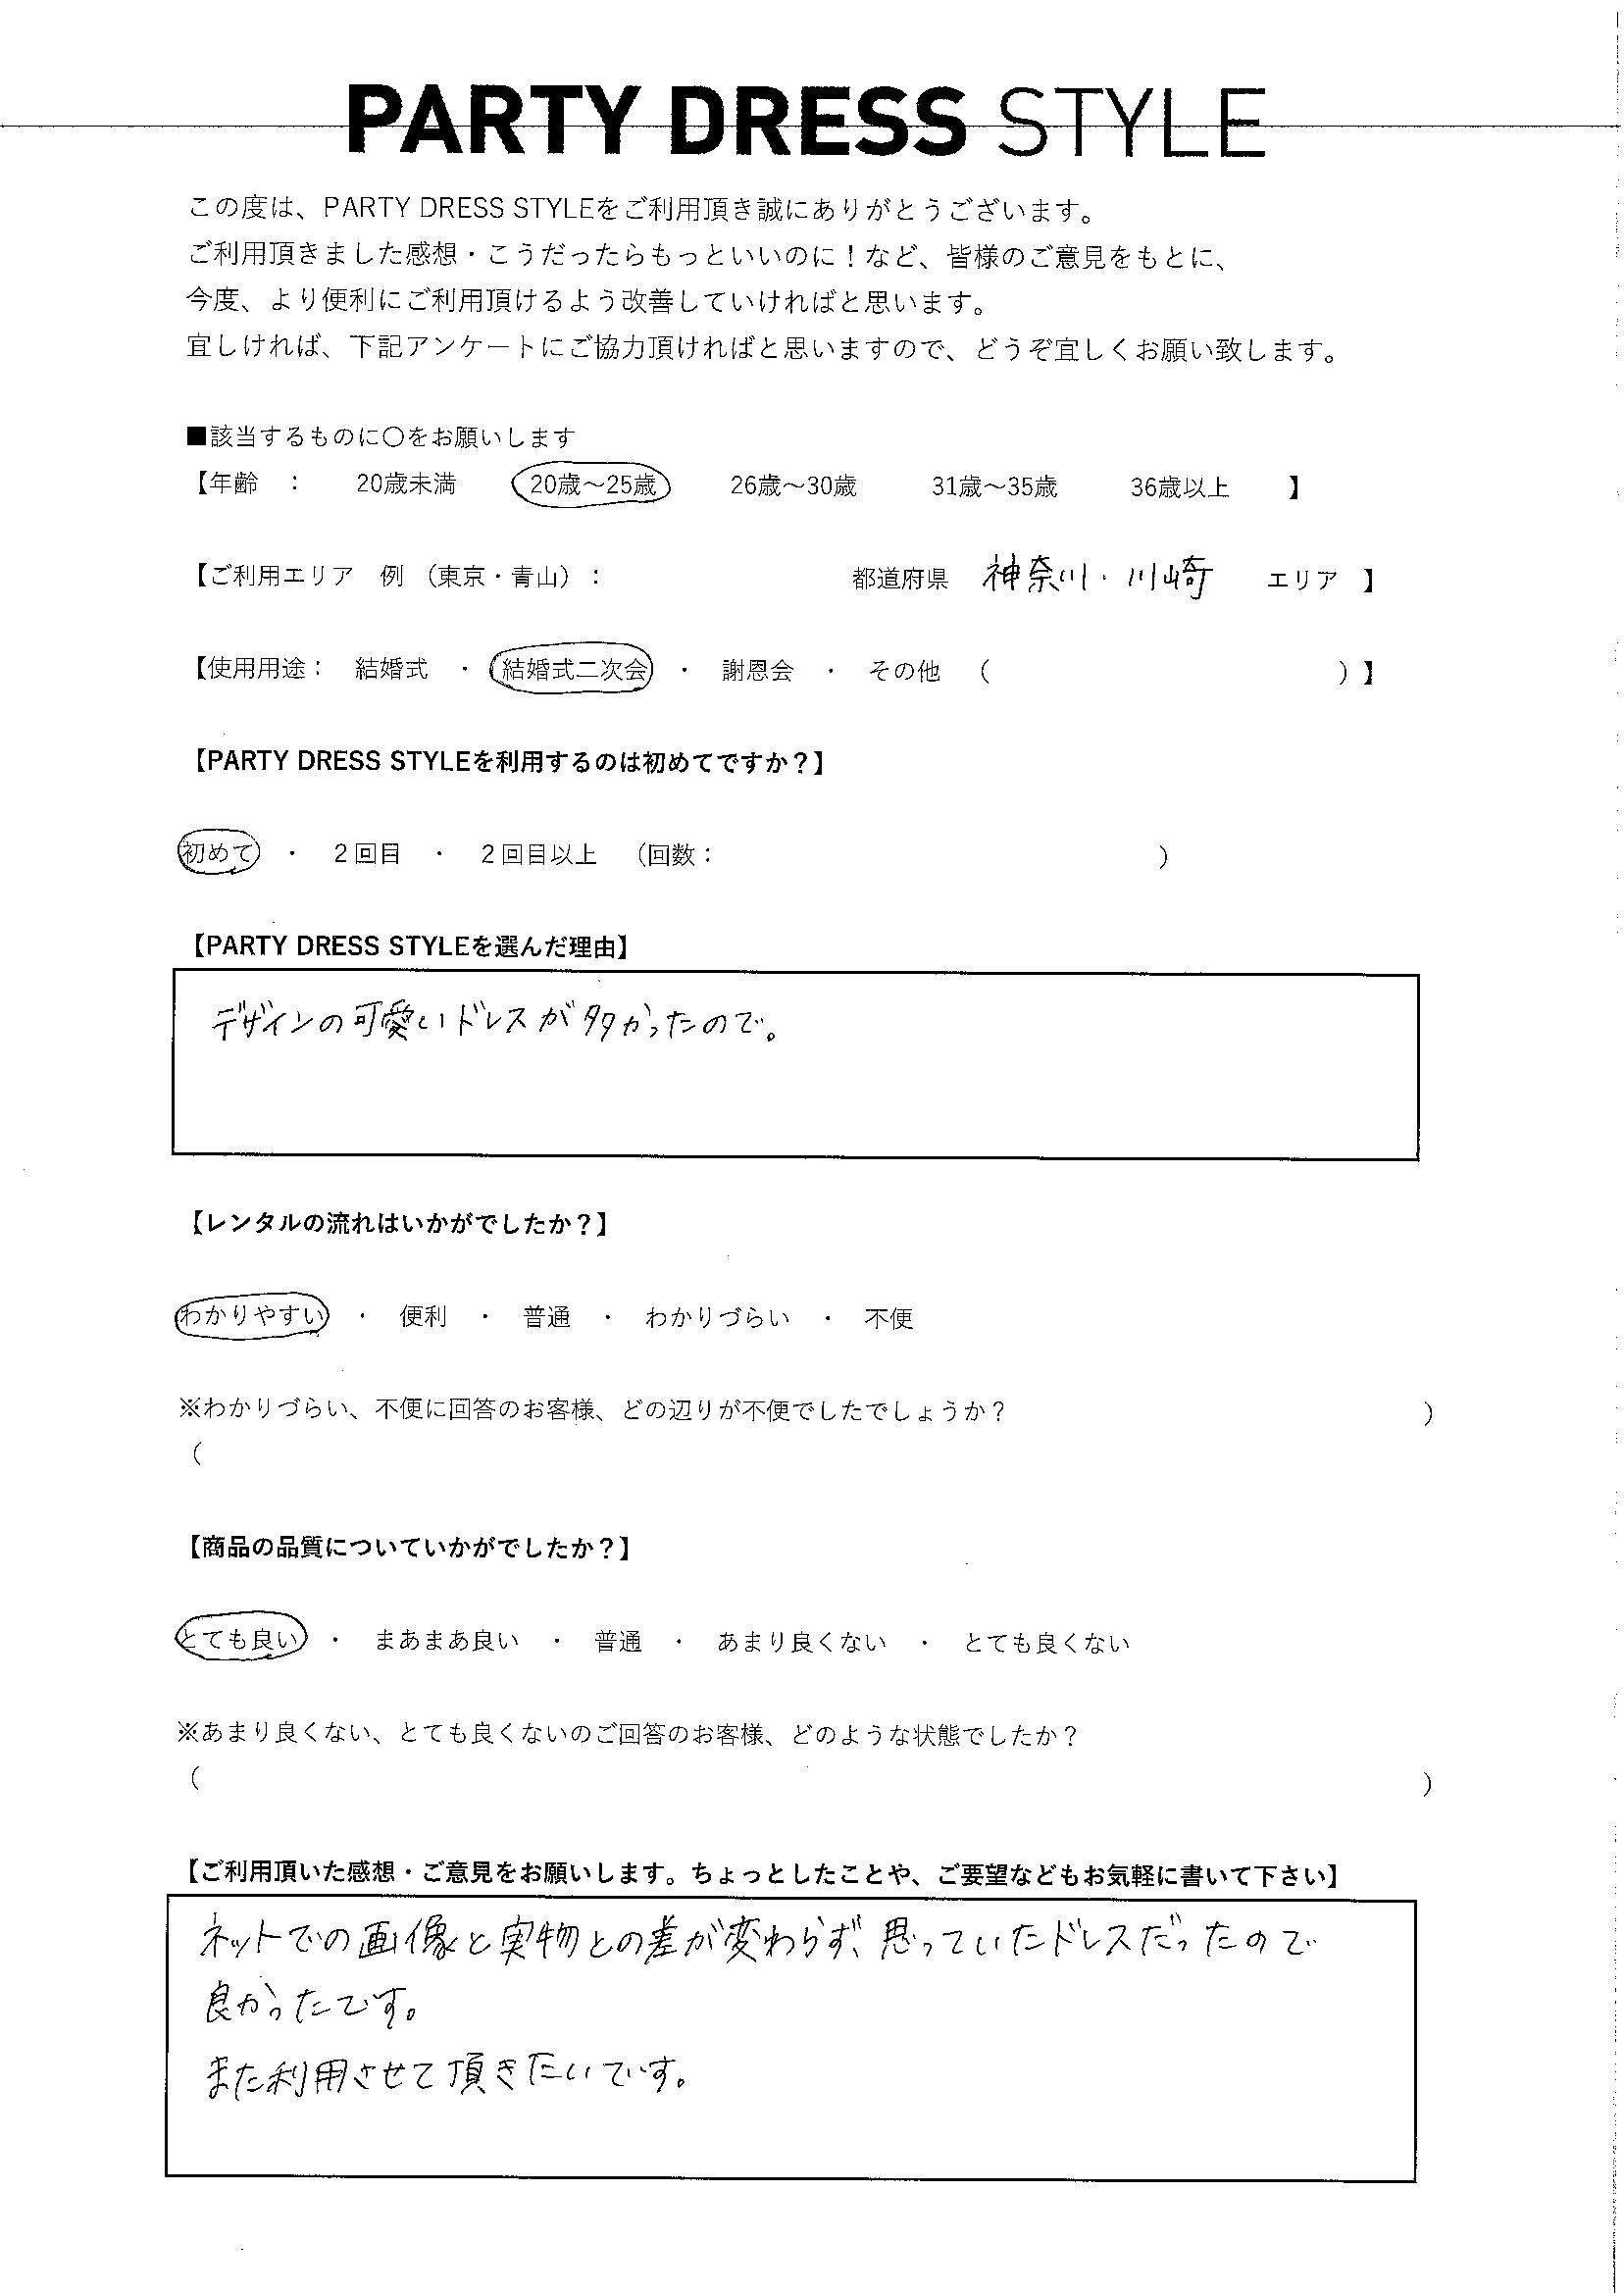 5/12結婚式二次会利用 神奈川県・川崎エリア